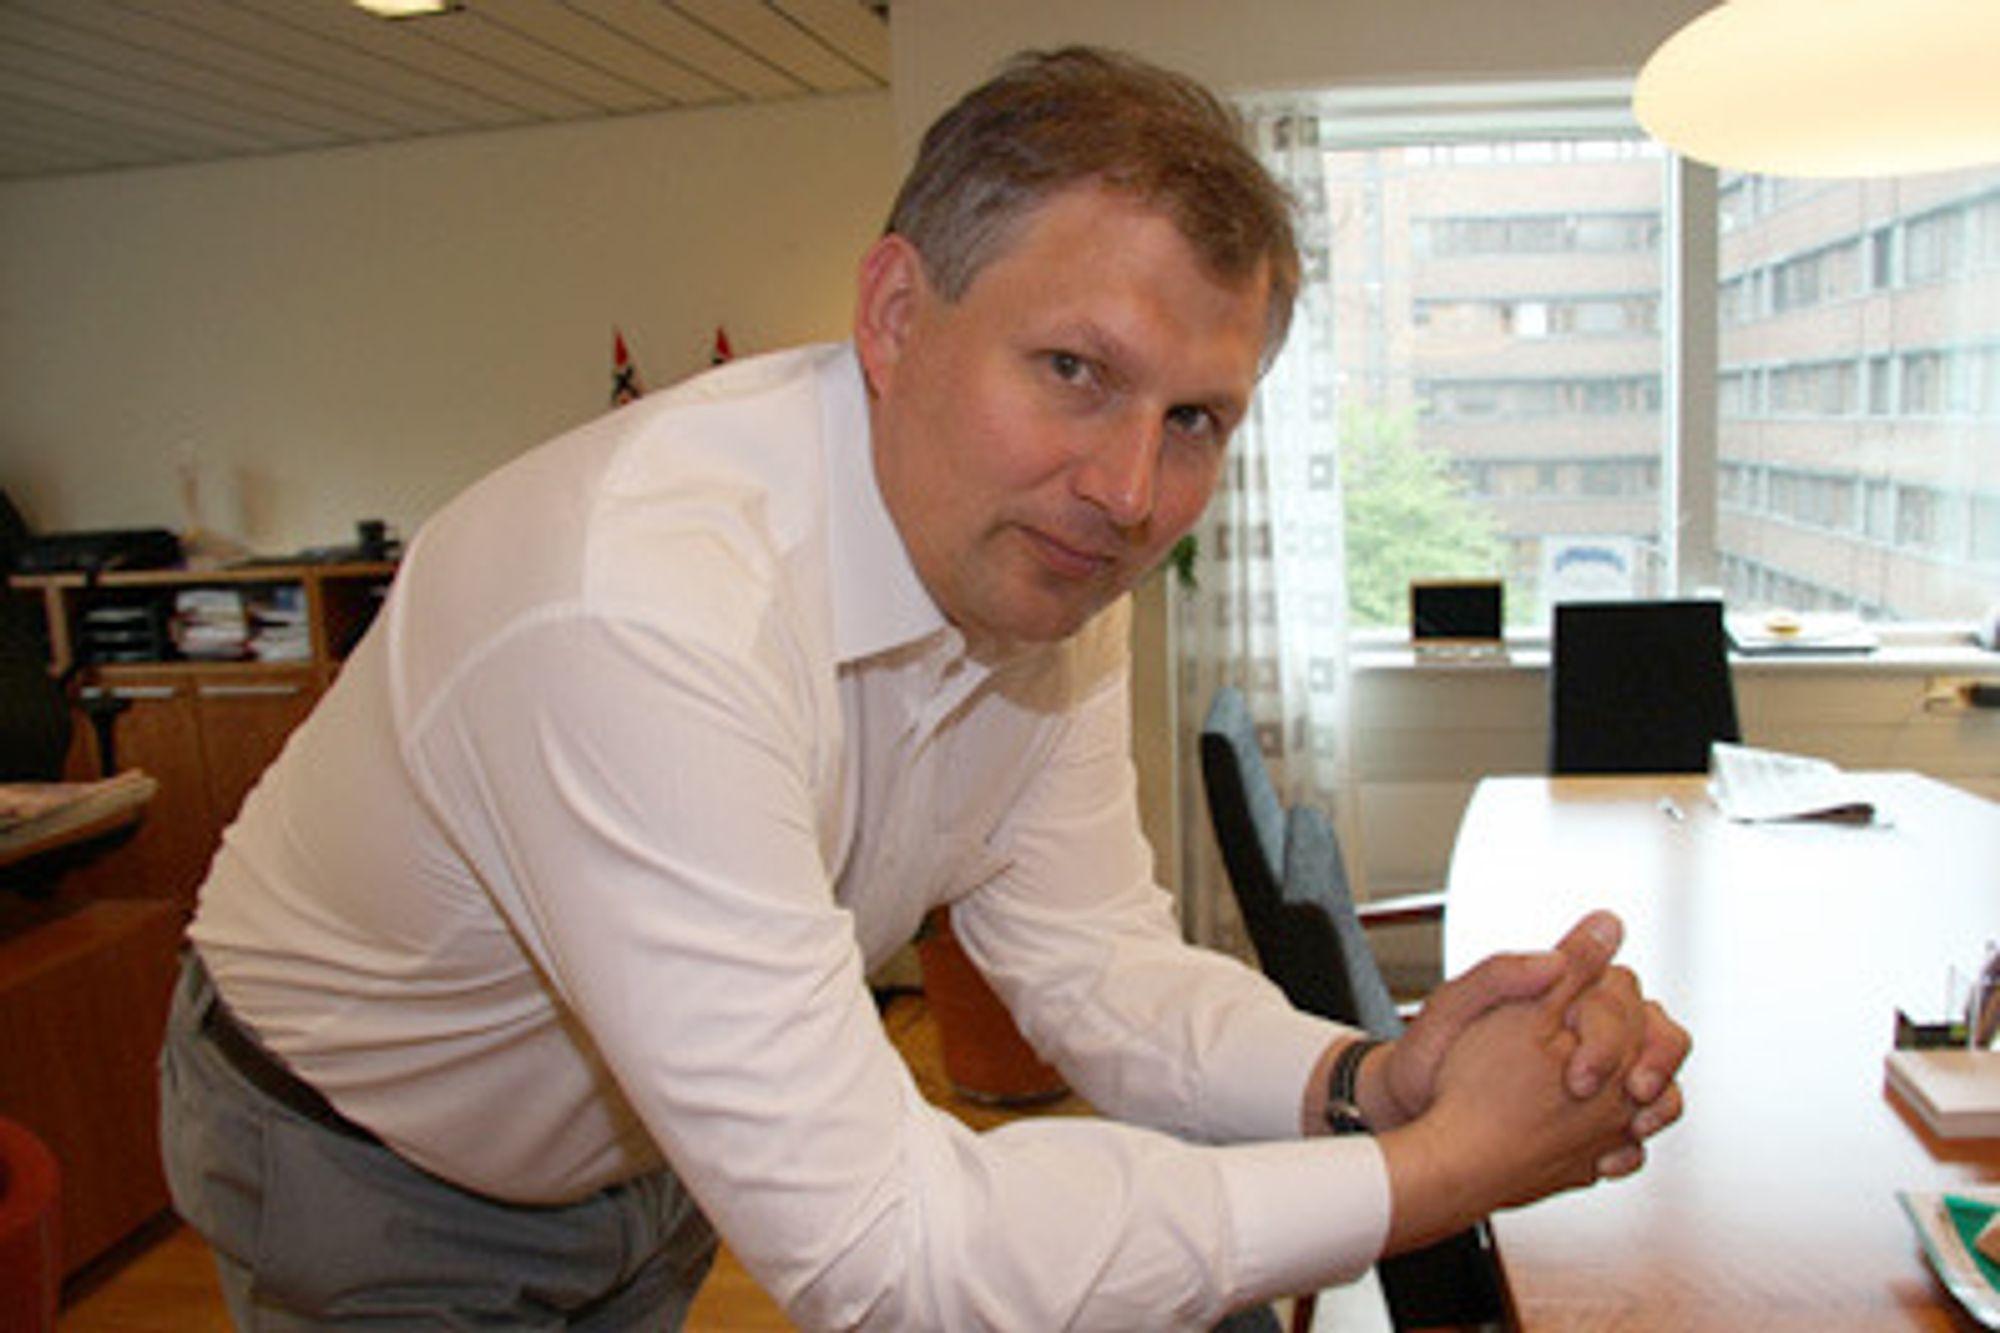 RIKTIG: Olje- og energiminister, Terje Riis-Johansen, er klar på at det er helt riktig at Enova støtter utskiftning av  panelovner.